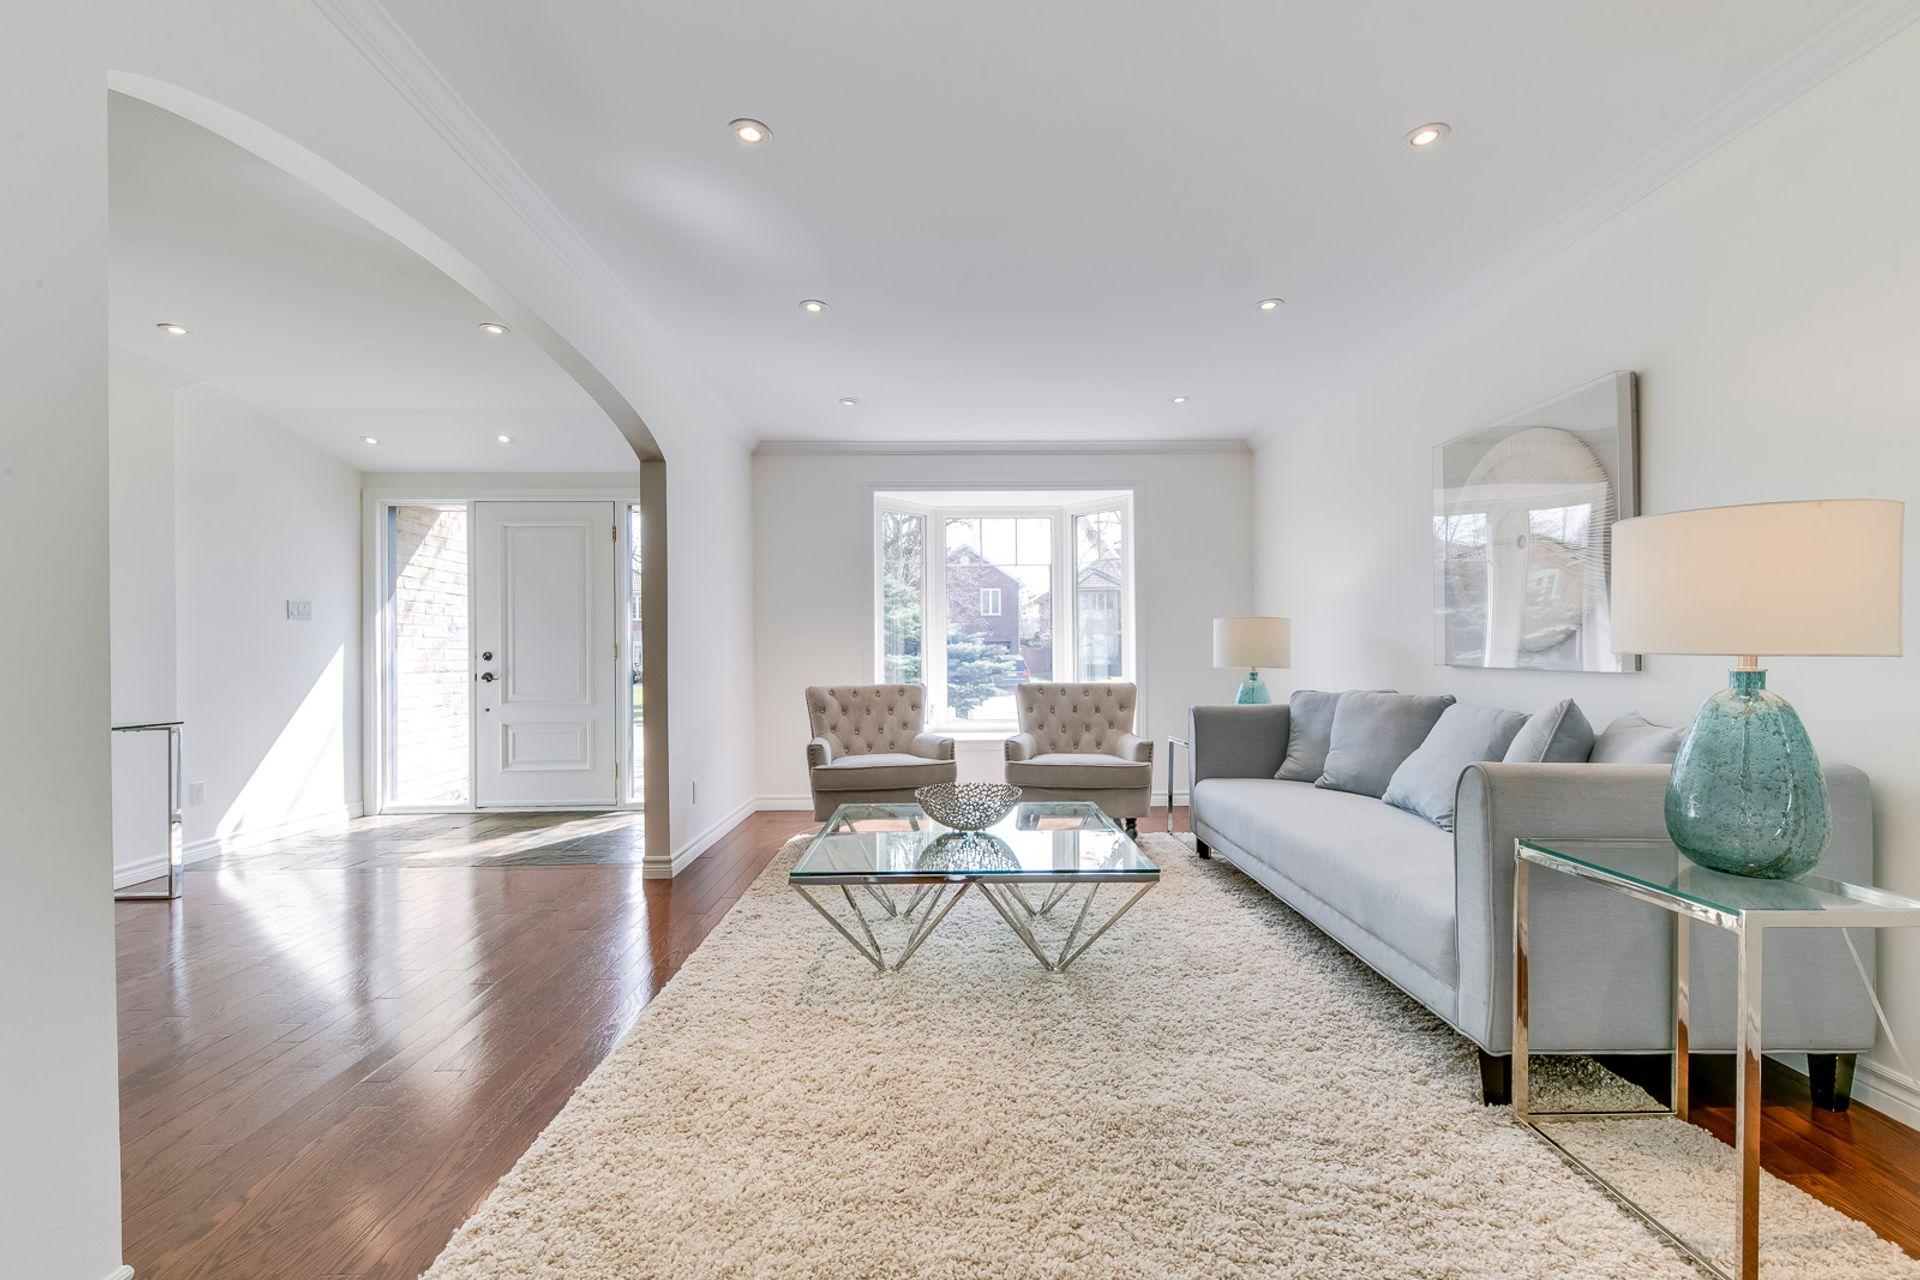 Living Room - 2389 Deer Run Ave, Oakville - Elite3 & Team at 2389 Deer Run Avenue, Eastlake, Oakville